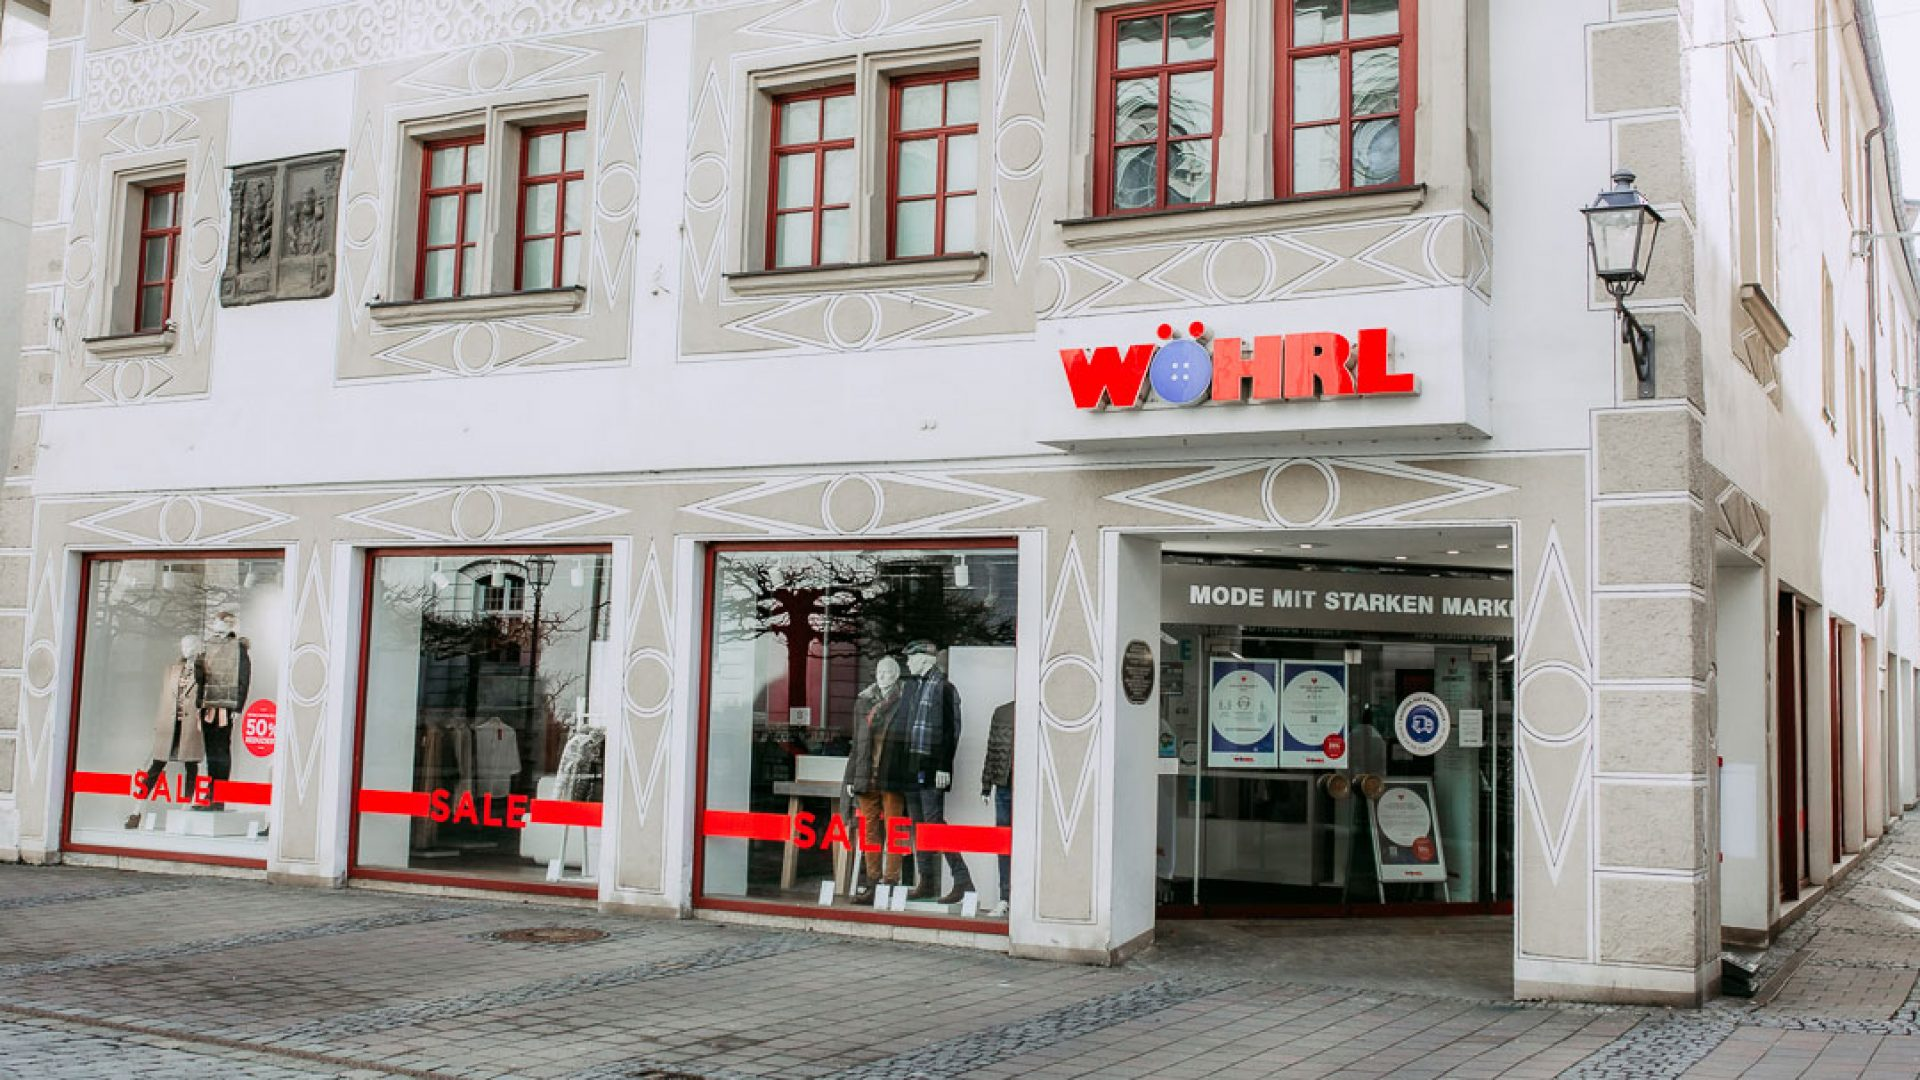 Einkaufen-in-Ansbach-Woehrl